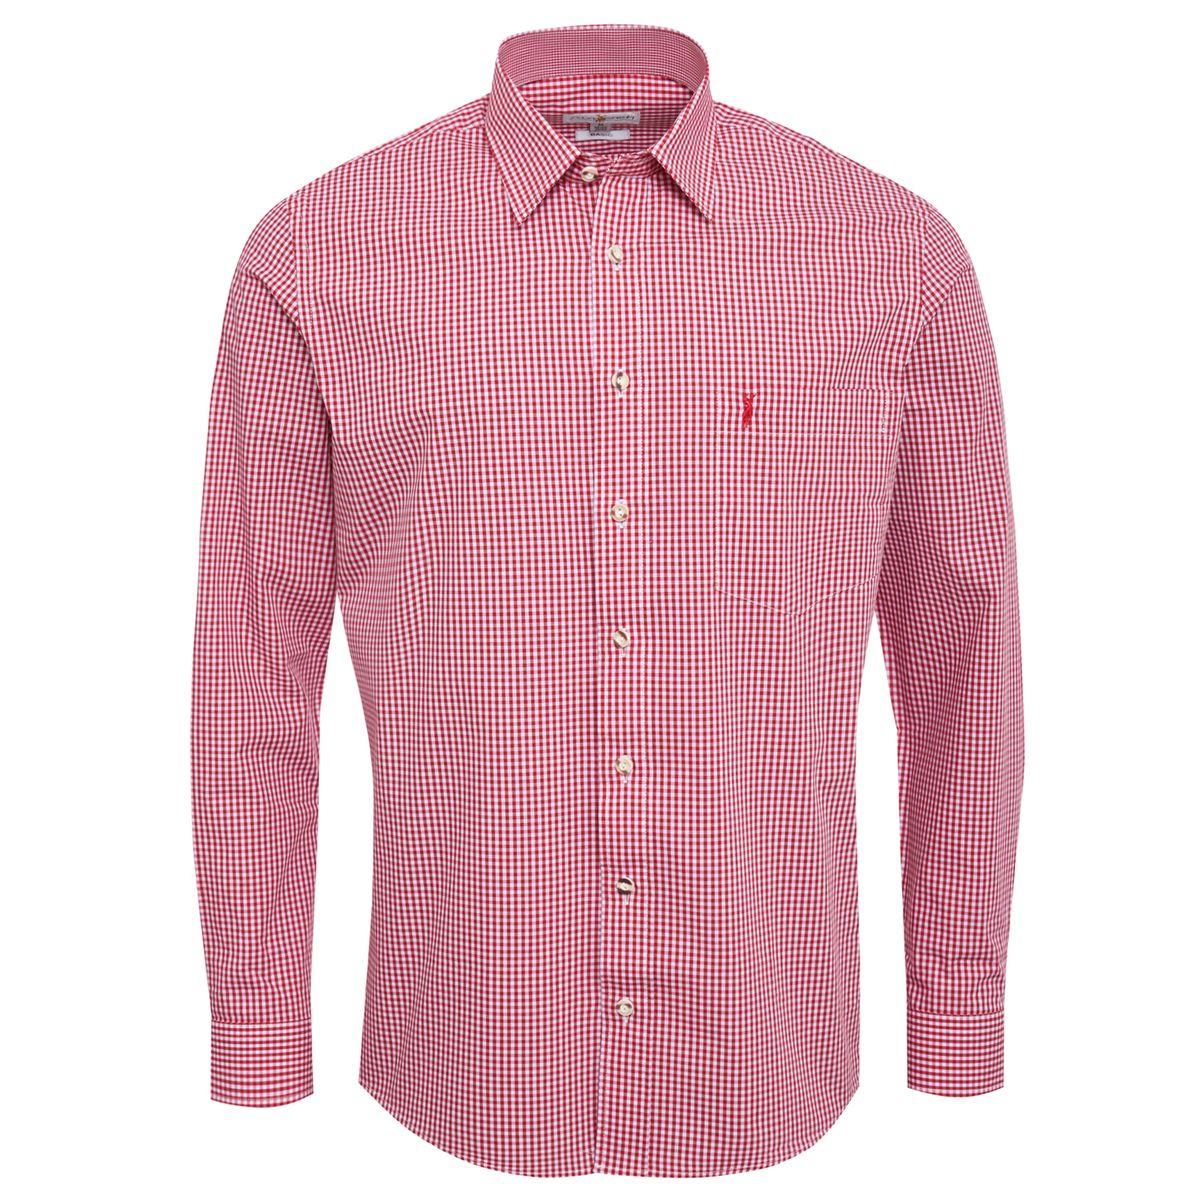 Trachtenhemd Ludwig Regular Fit in Rot von Almsach günstig online kaufen